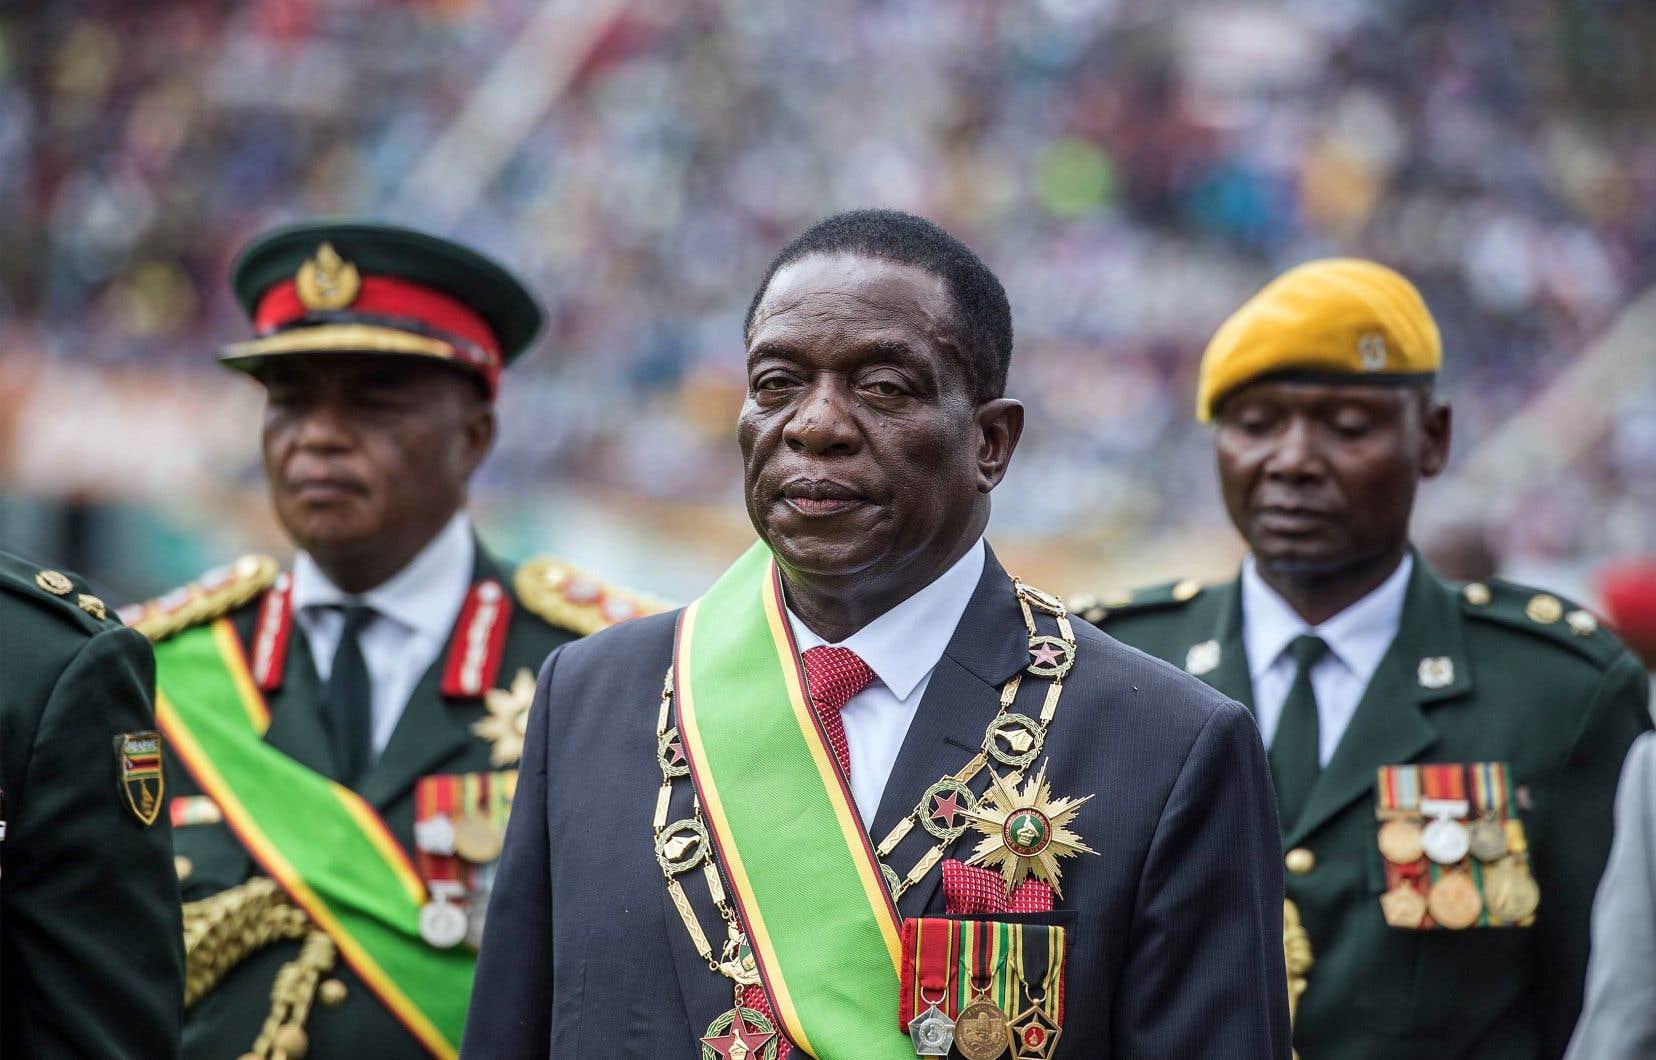 Le nouveau président zimbabwéen,Emmerson Mnangagwa, a nommé des militaires à des postes clés, mais pas de membres de l'opposition.